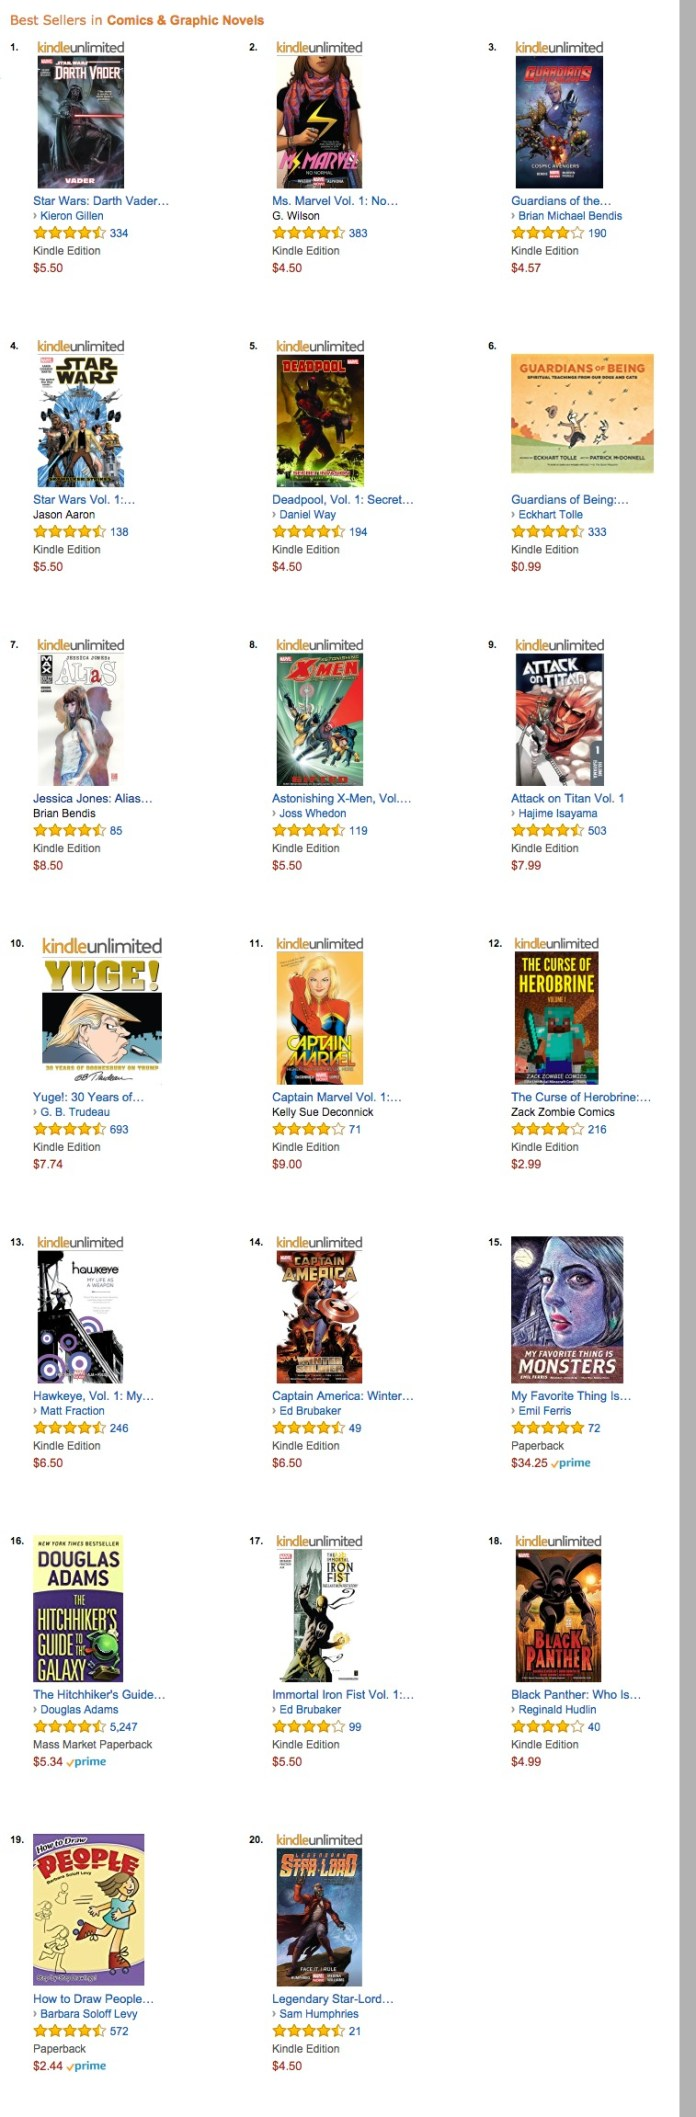 bestsellers621.jpeg